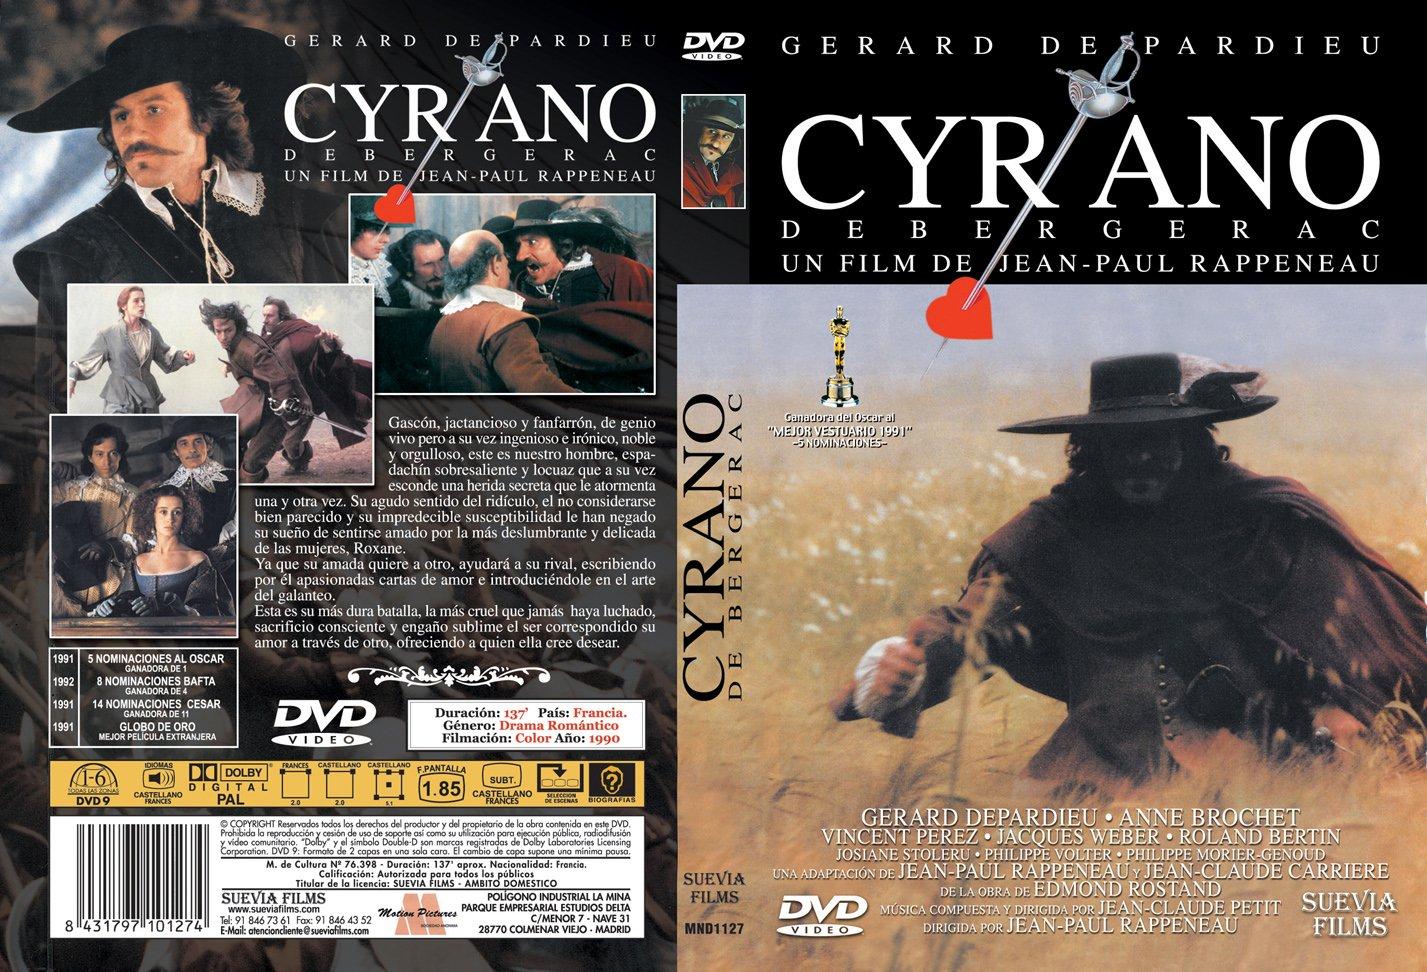 Cyrano De Bergerac [DVD] [Reino Unido]: Amazon.es: Gérard Depardieu, Anne Brochet, Vincent Perez, Jacques Weber, Roland Bertin, Philippe Morier-Genoud, ...